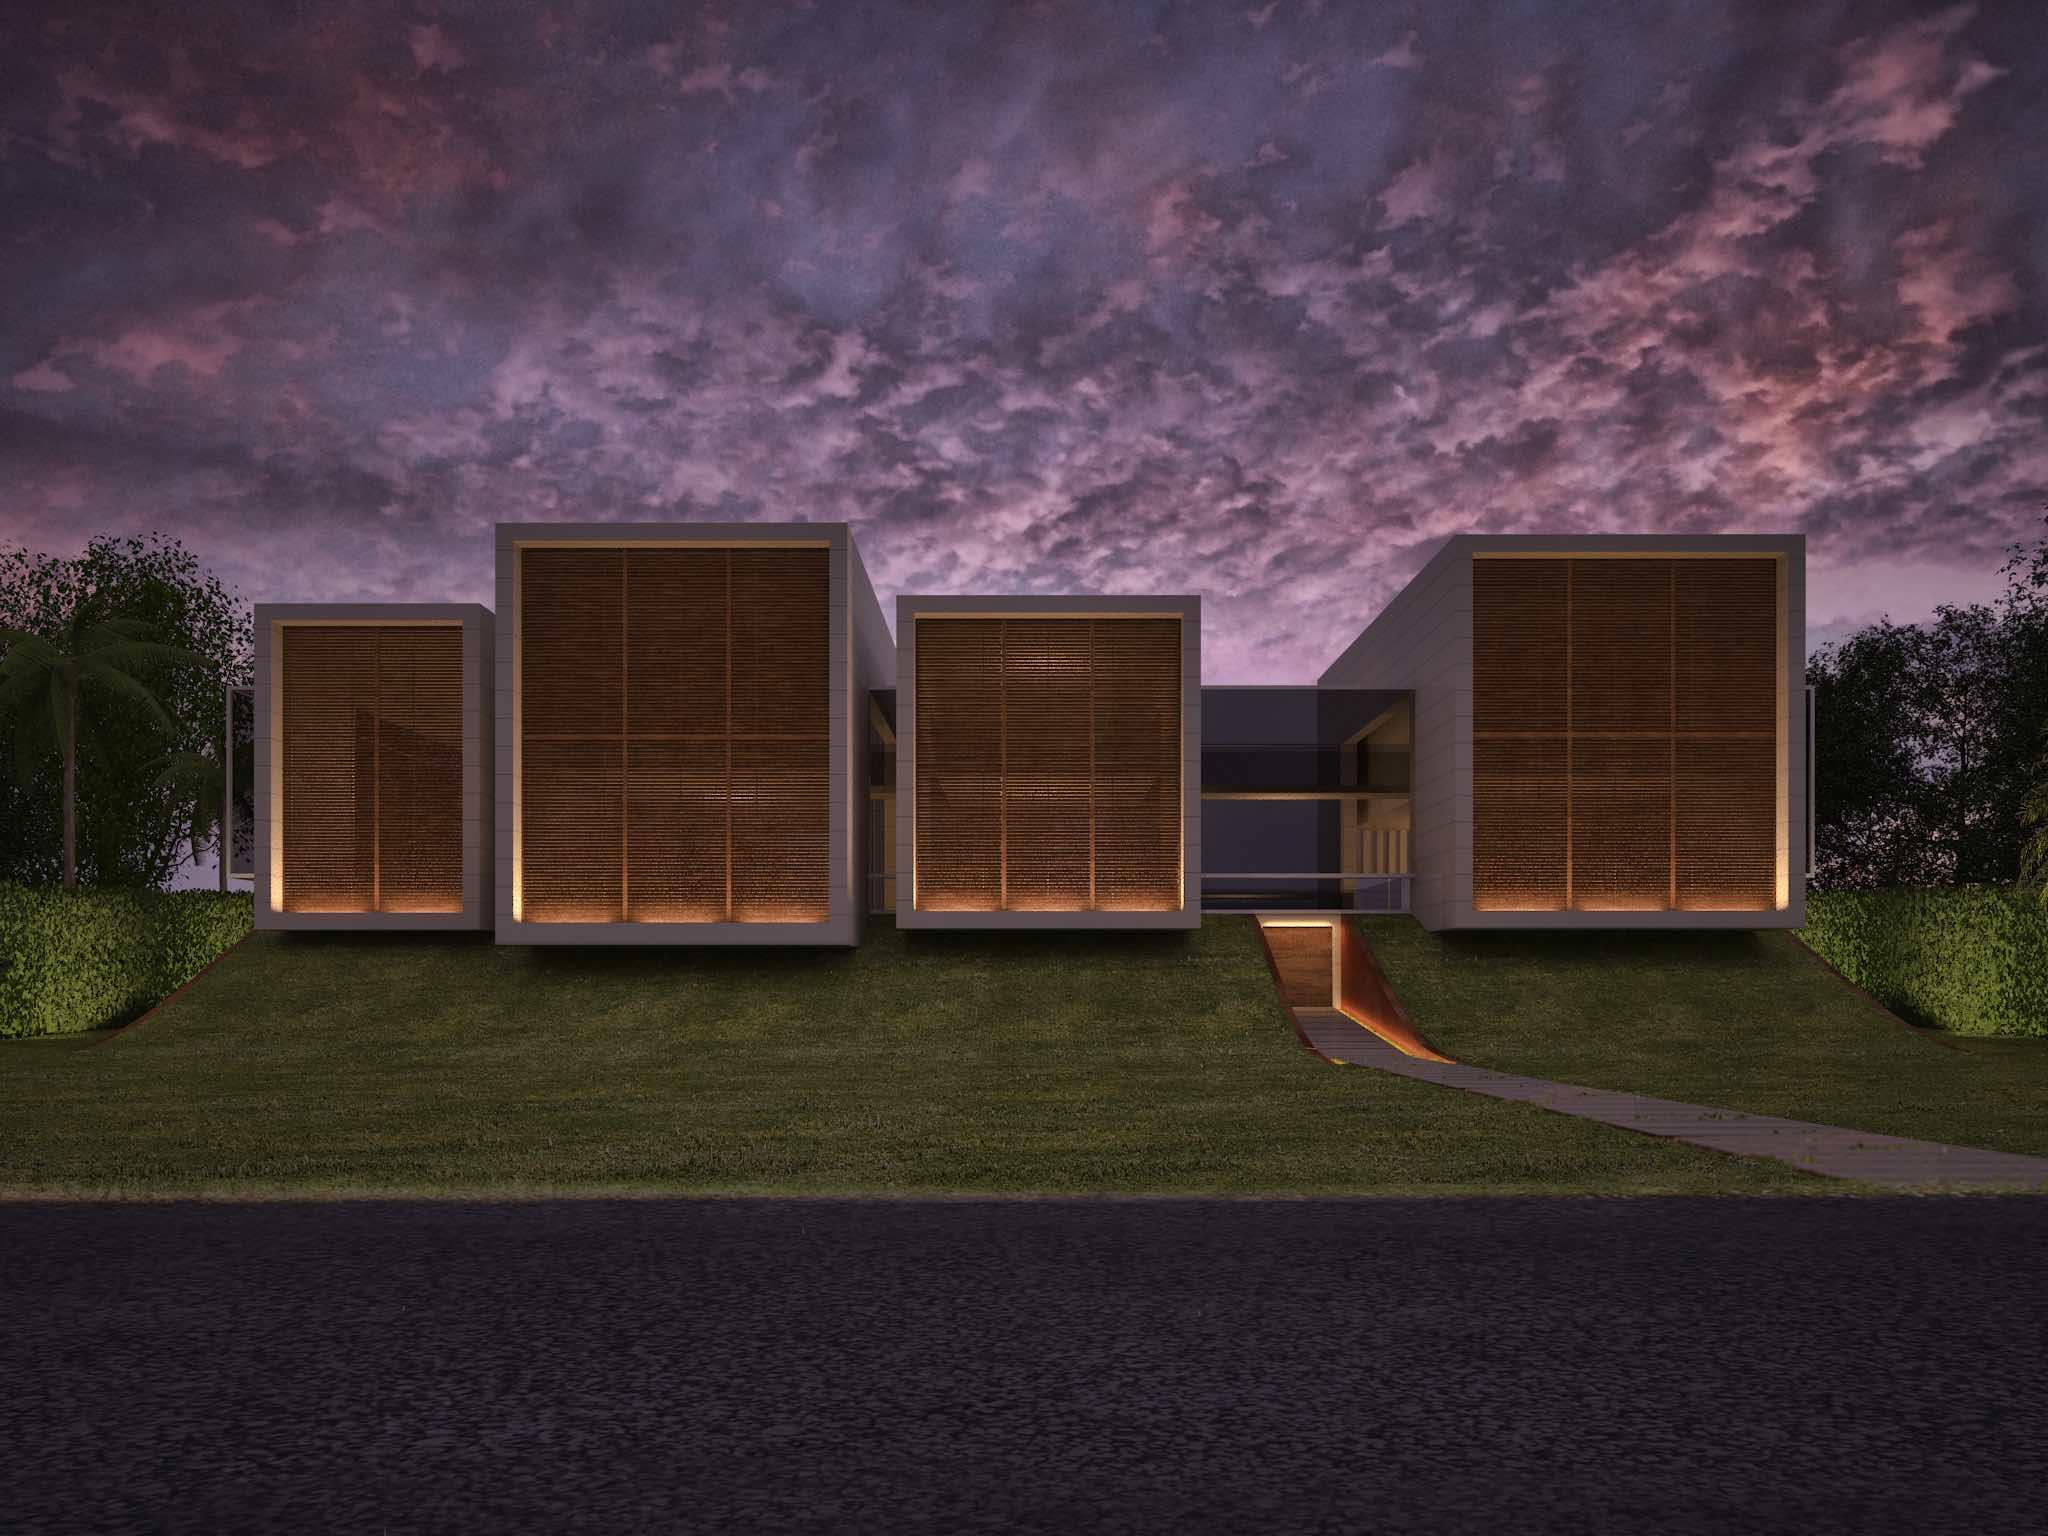 The Miami Architecture Firms